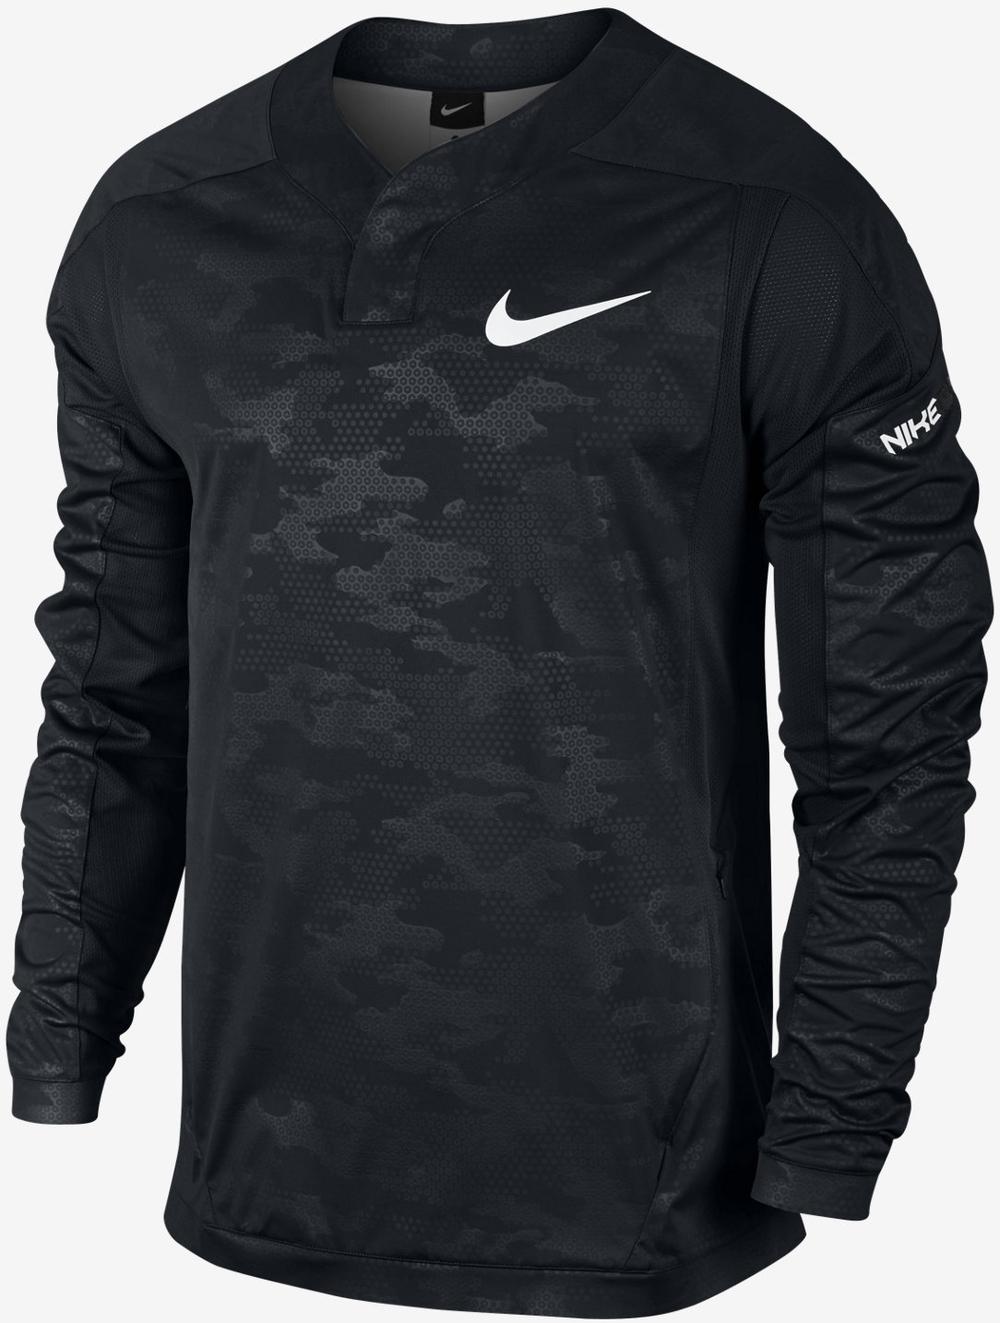 Nike BSBL Vapor Shirt, $100